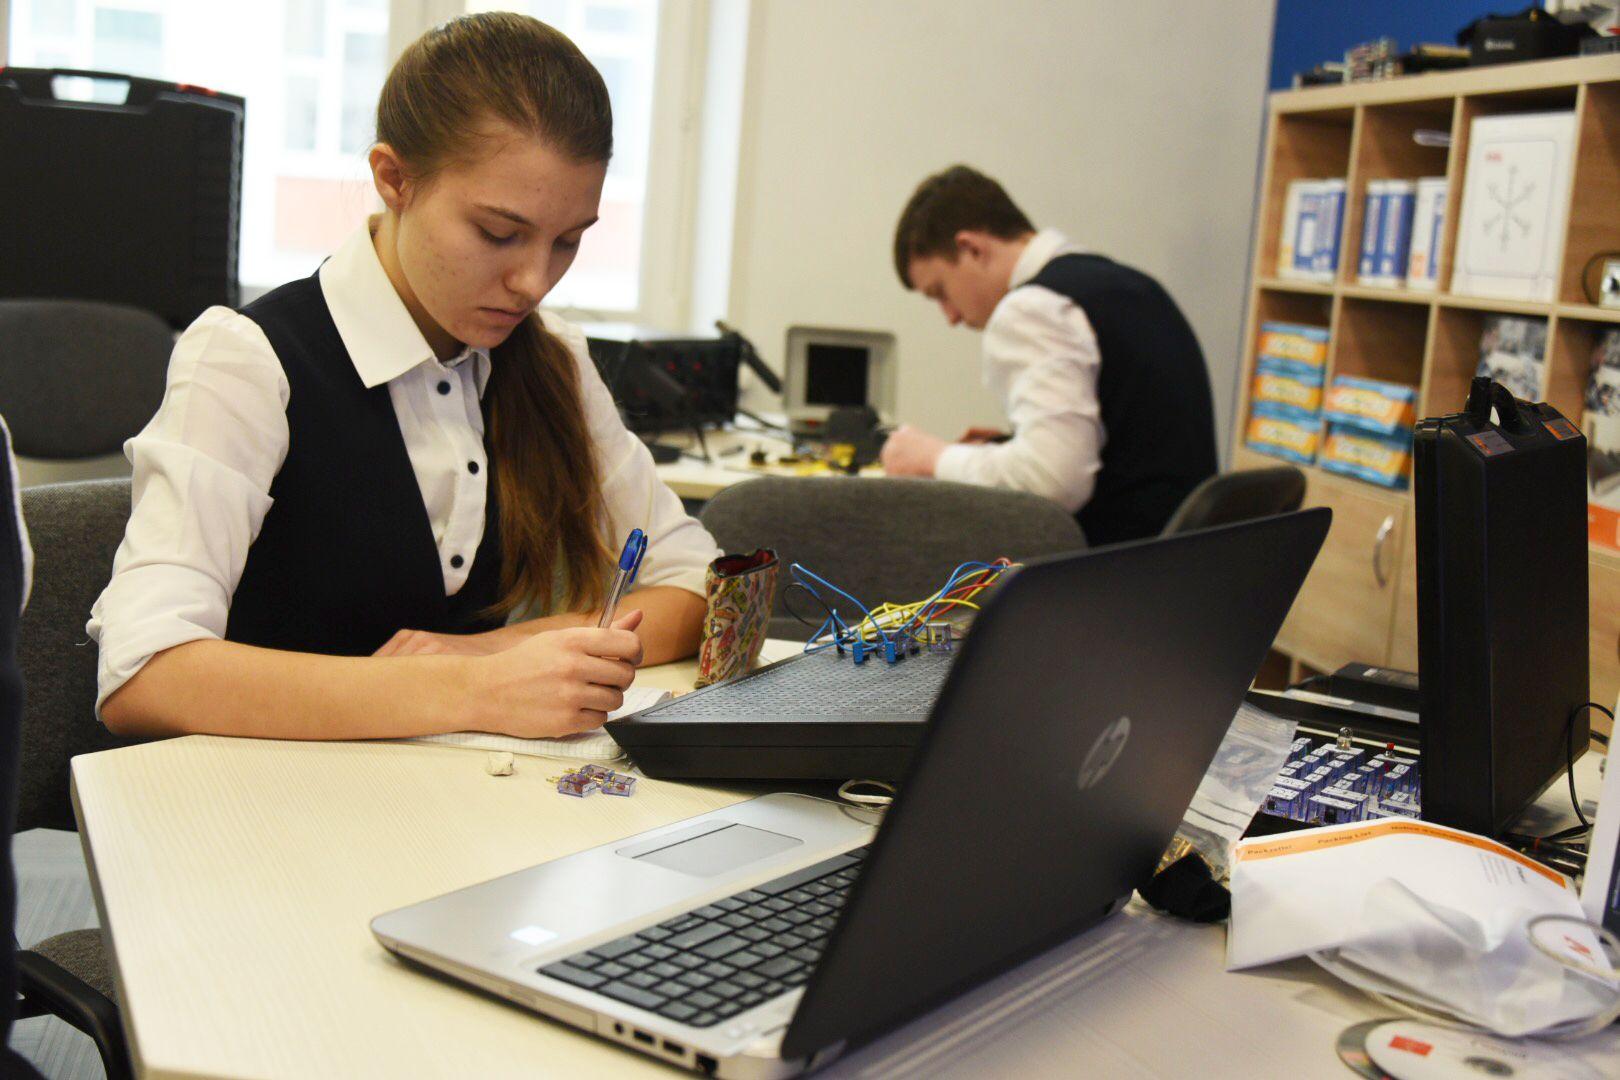 Столичные школьники смогут узнать результаты экзаменов на сайте мэра Москвы